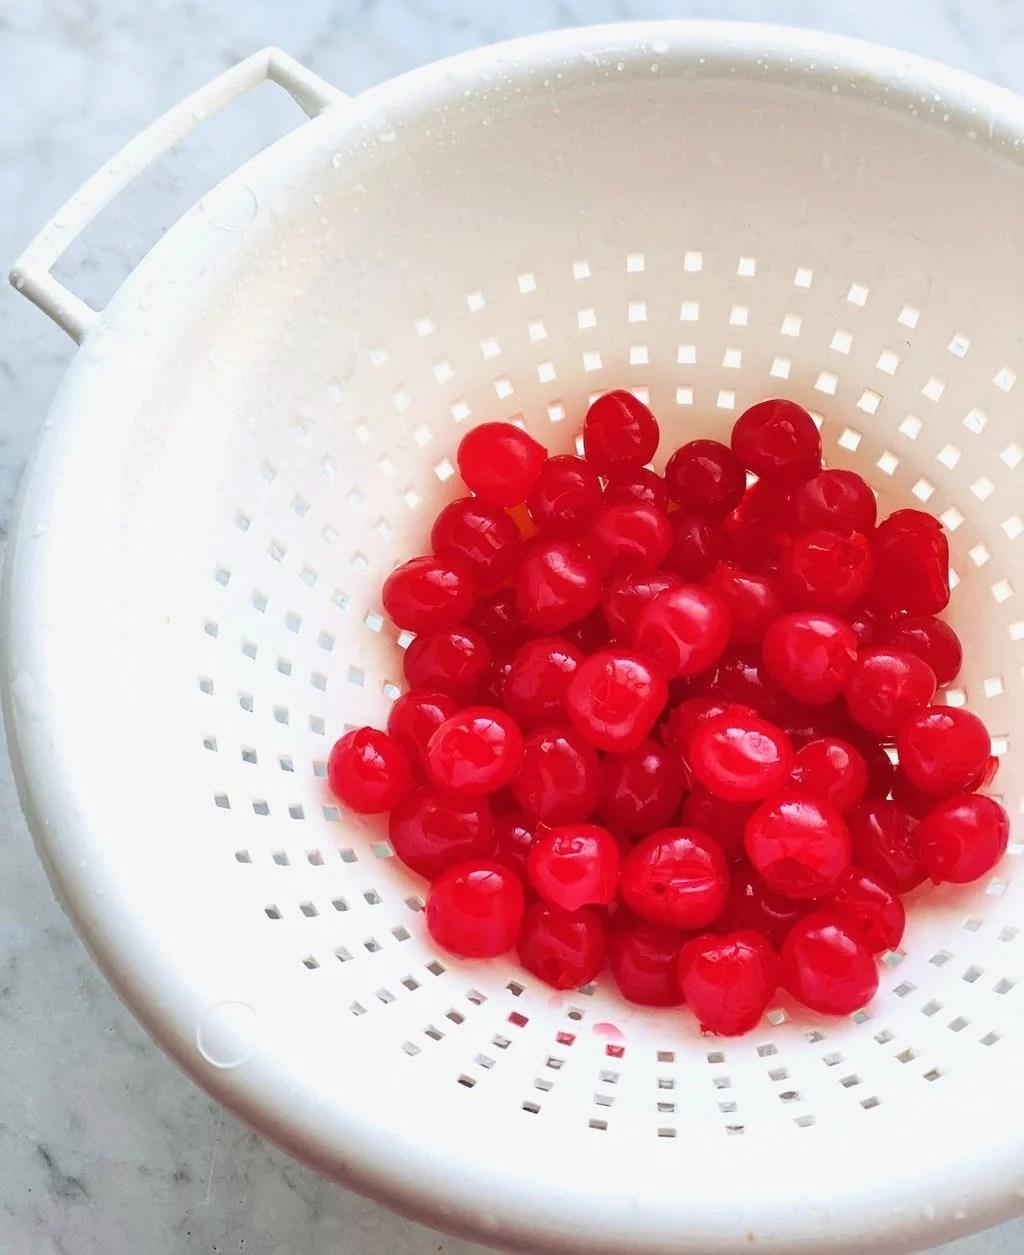 maraschino cherries in a white colander.